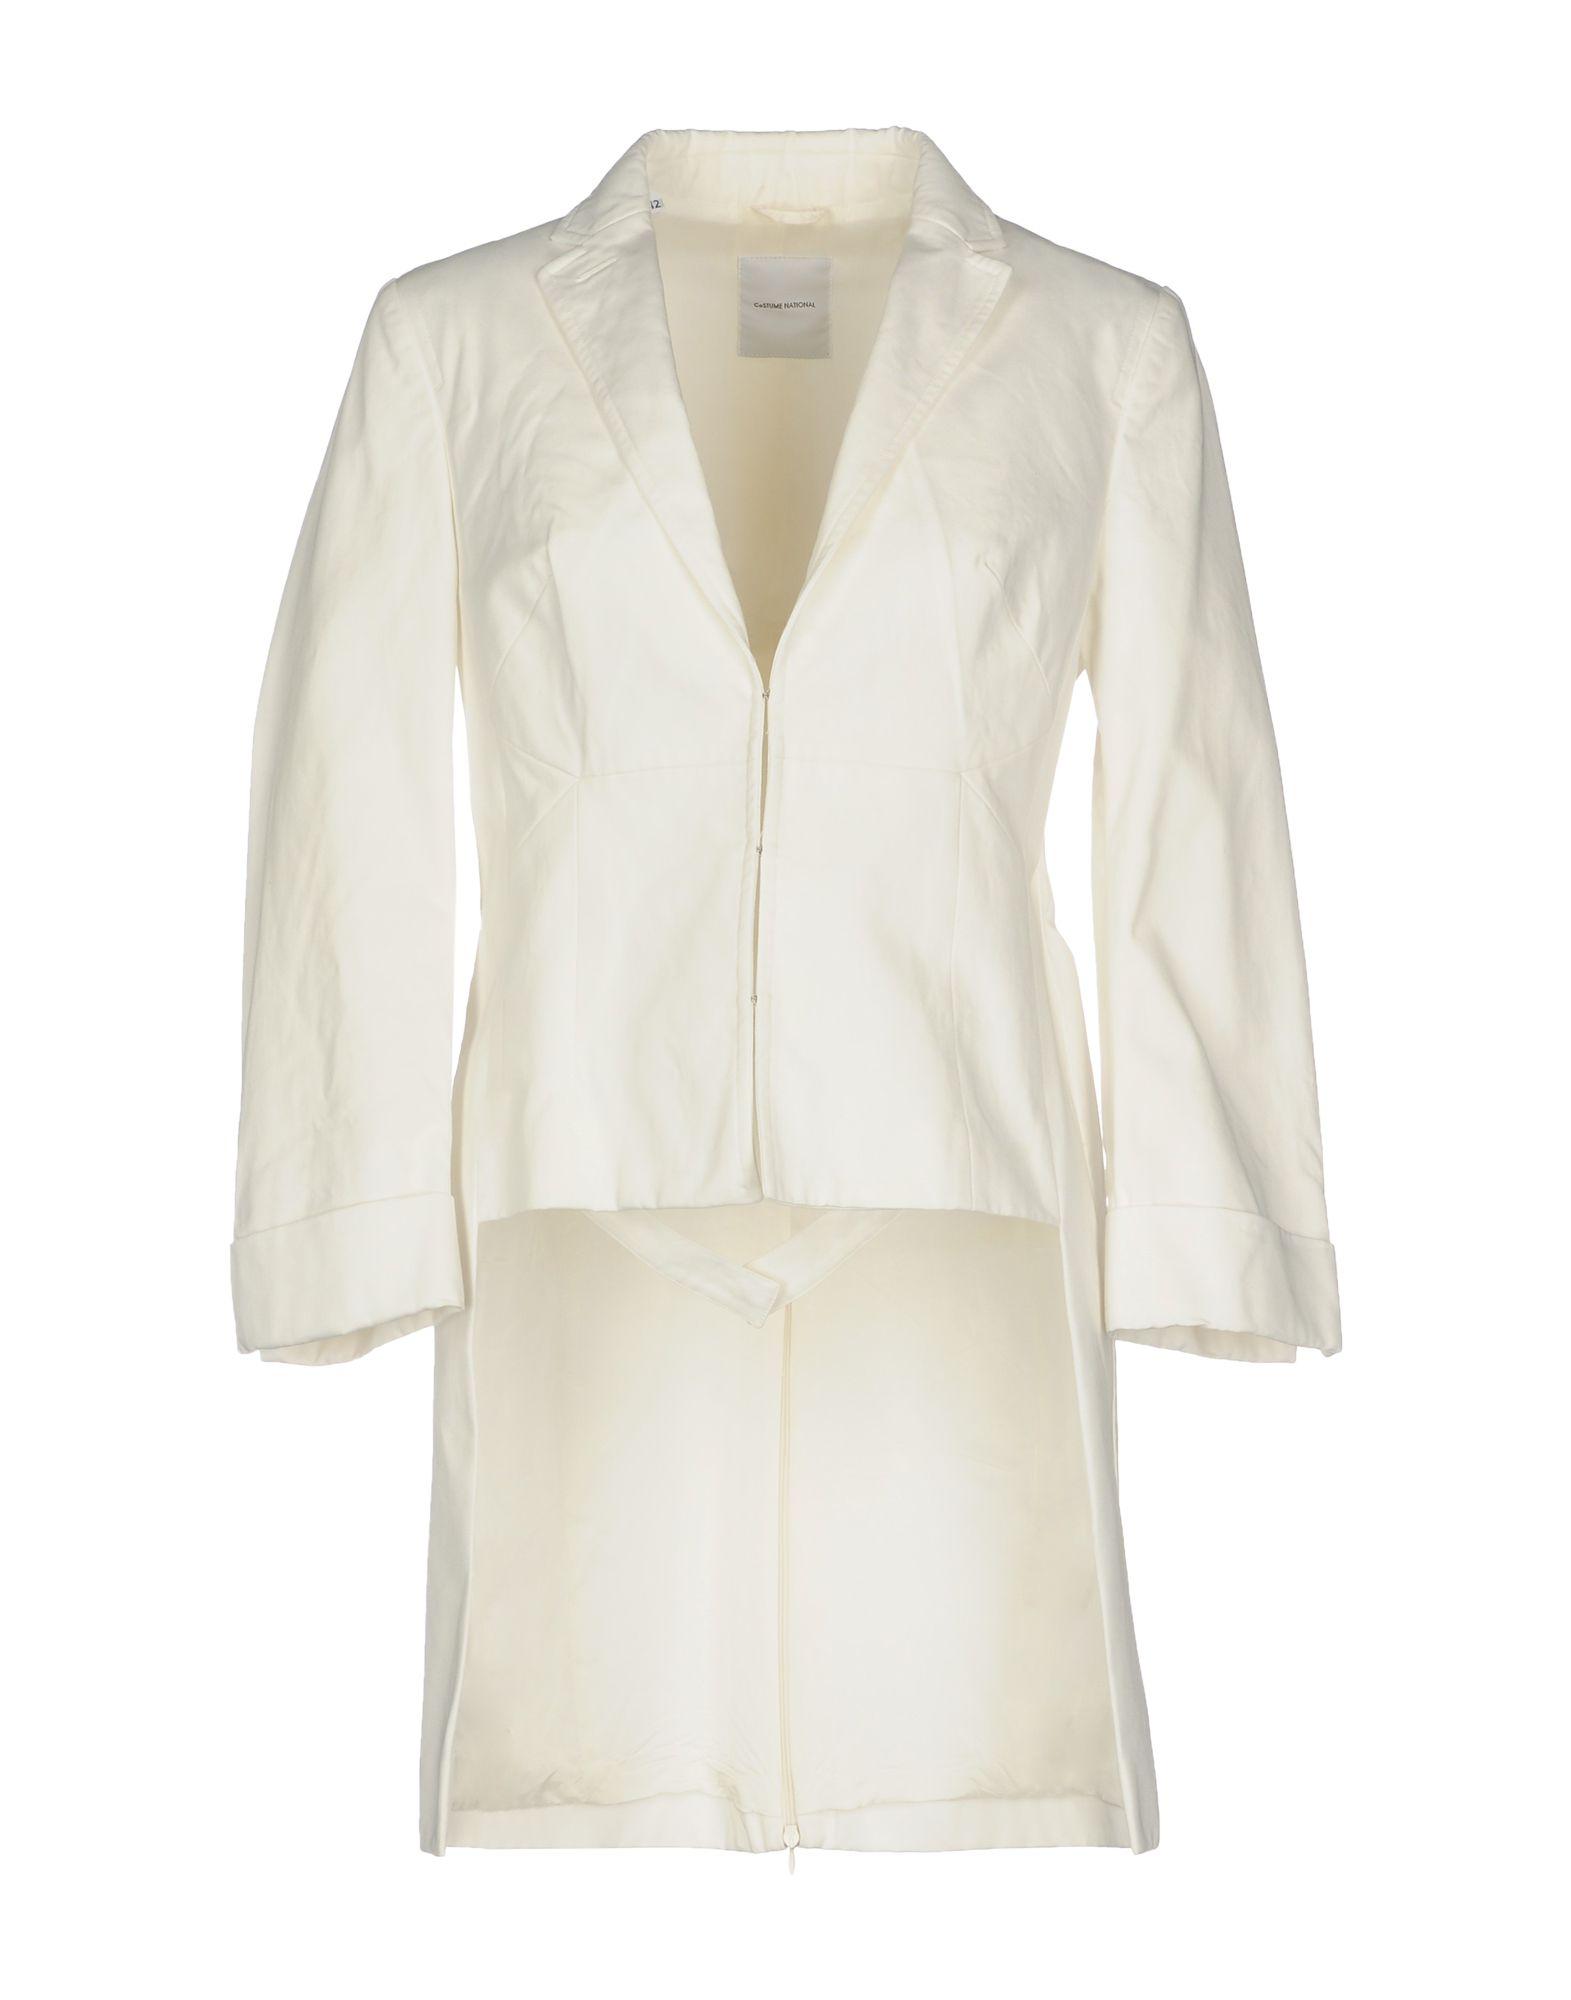 COSTUME NATIONAL Легкое пальто драповое пальто с контрастной отстрочкой c n c costume national пальто в стиле куртки